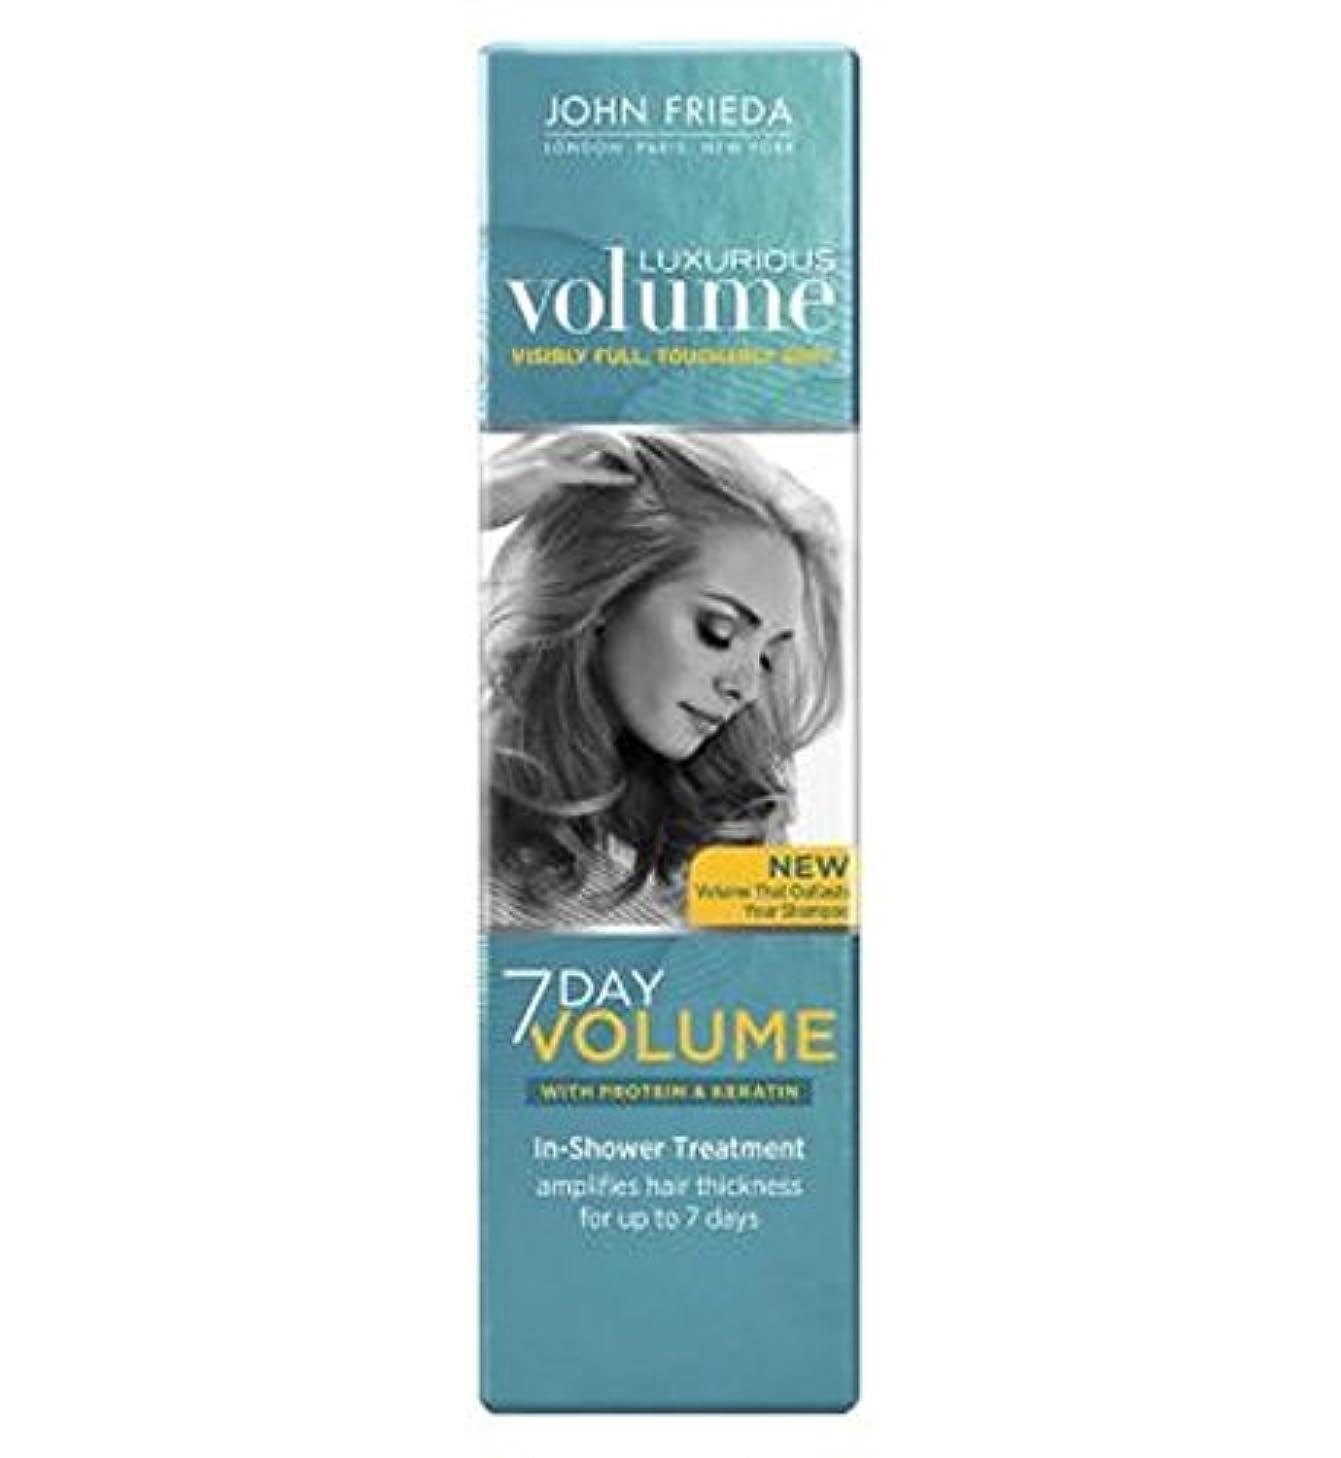 滴下それに応じてレタッチジョン?フリーダ豪華なボリューム7日には、シャワー処理100ミリリットル (John Frieda) (x2) - John Frieda Luxurious Volume 7 Day In-Shower Treatment...